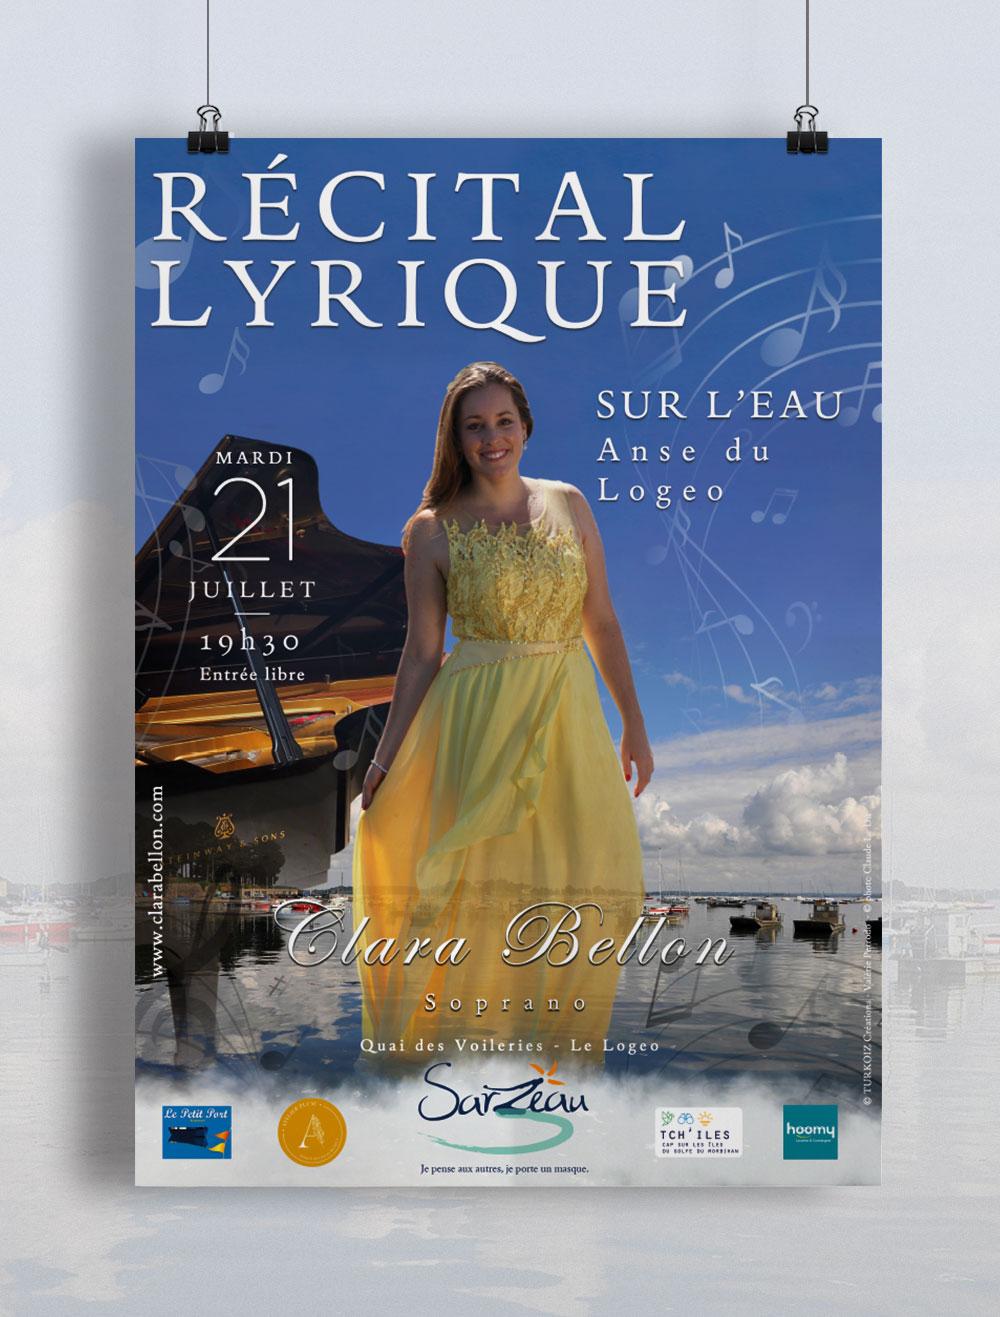 Turkoiz Creations - Affiche récital lyrique sur l'eau de Clara Bellon soprano